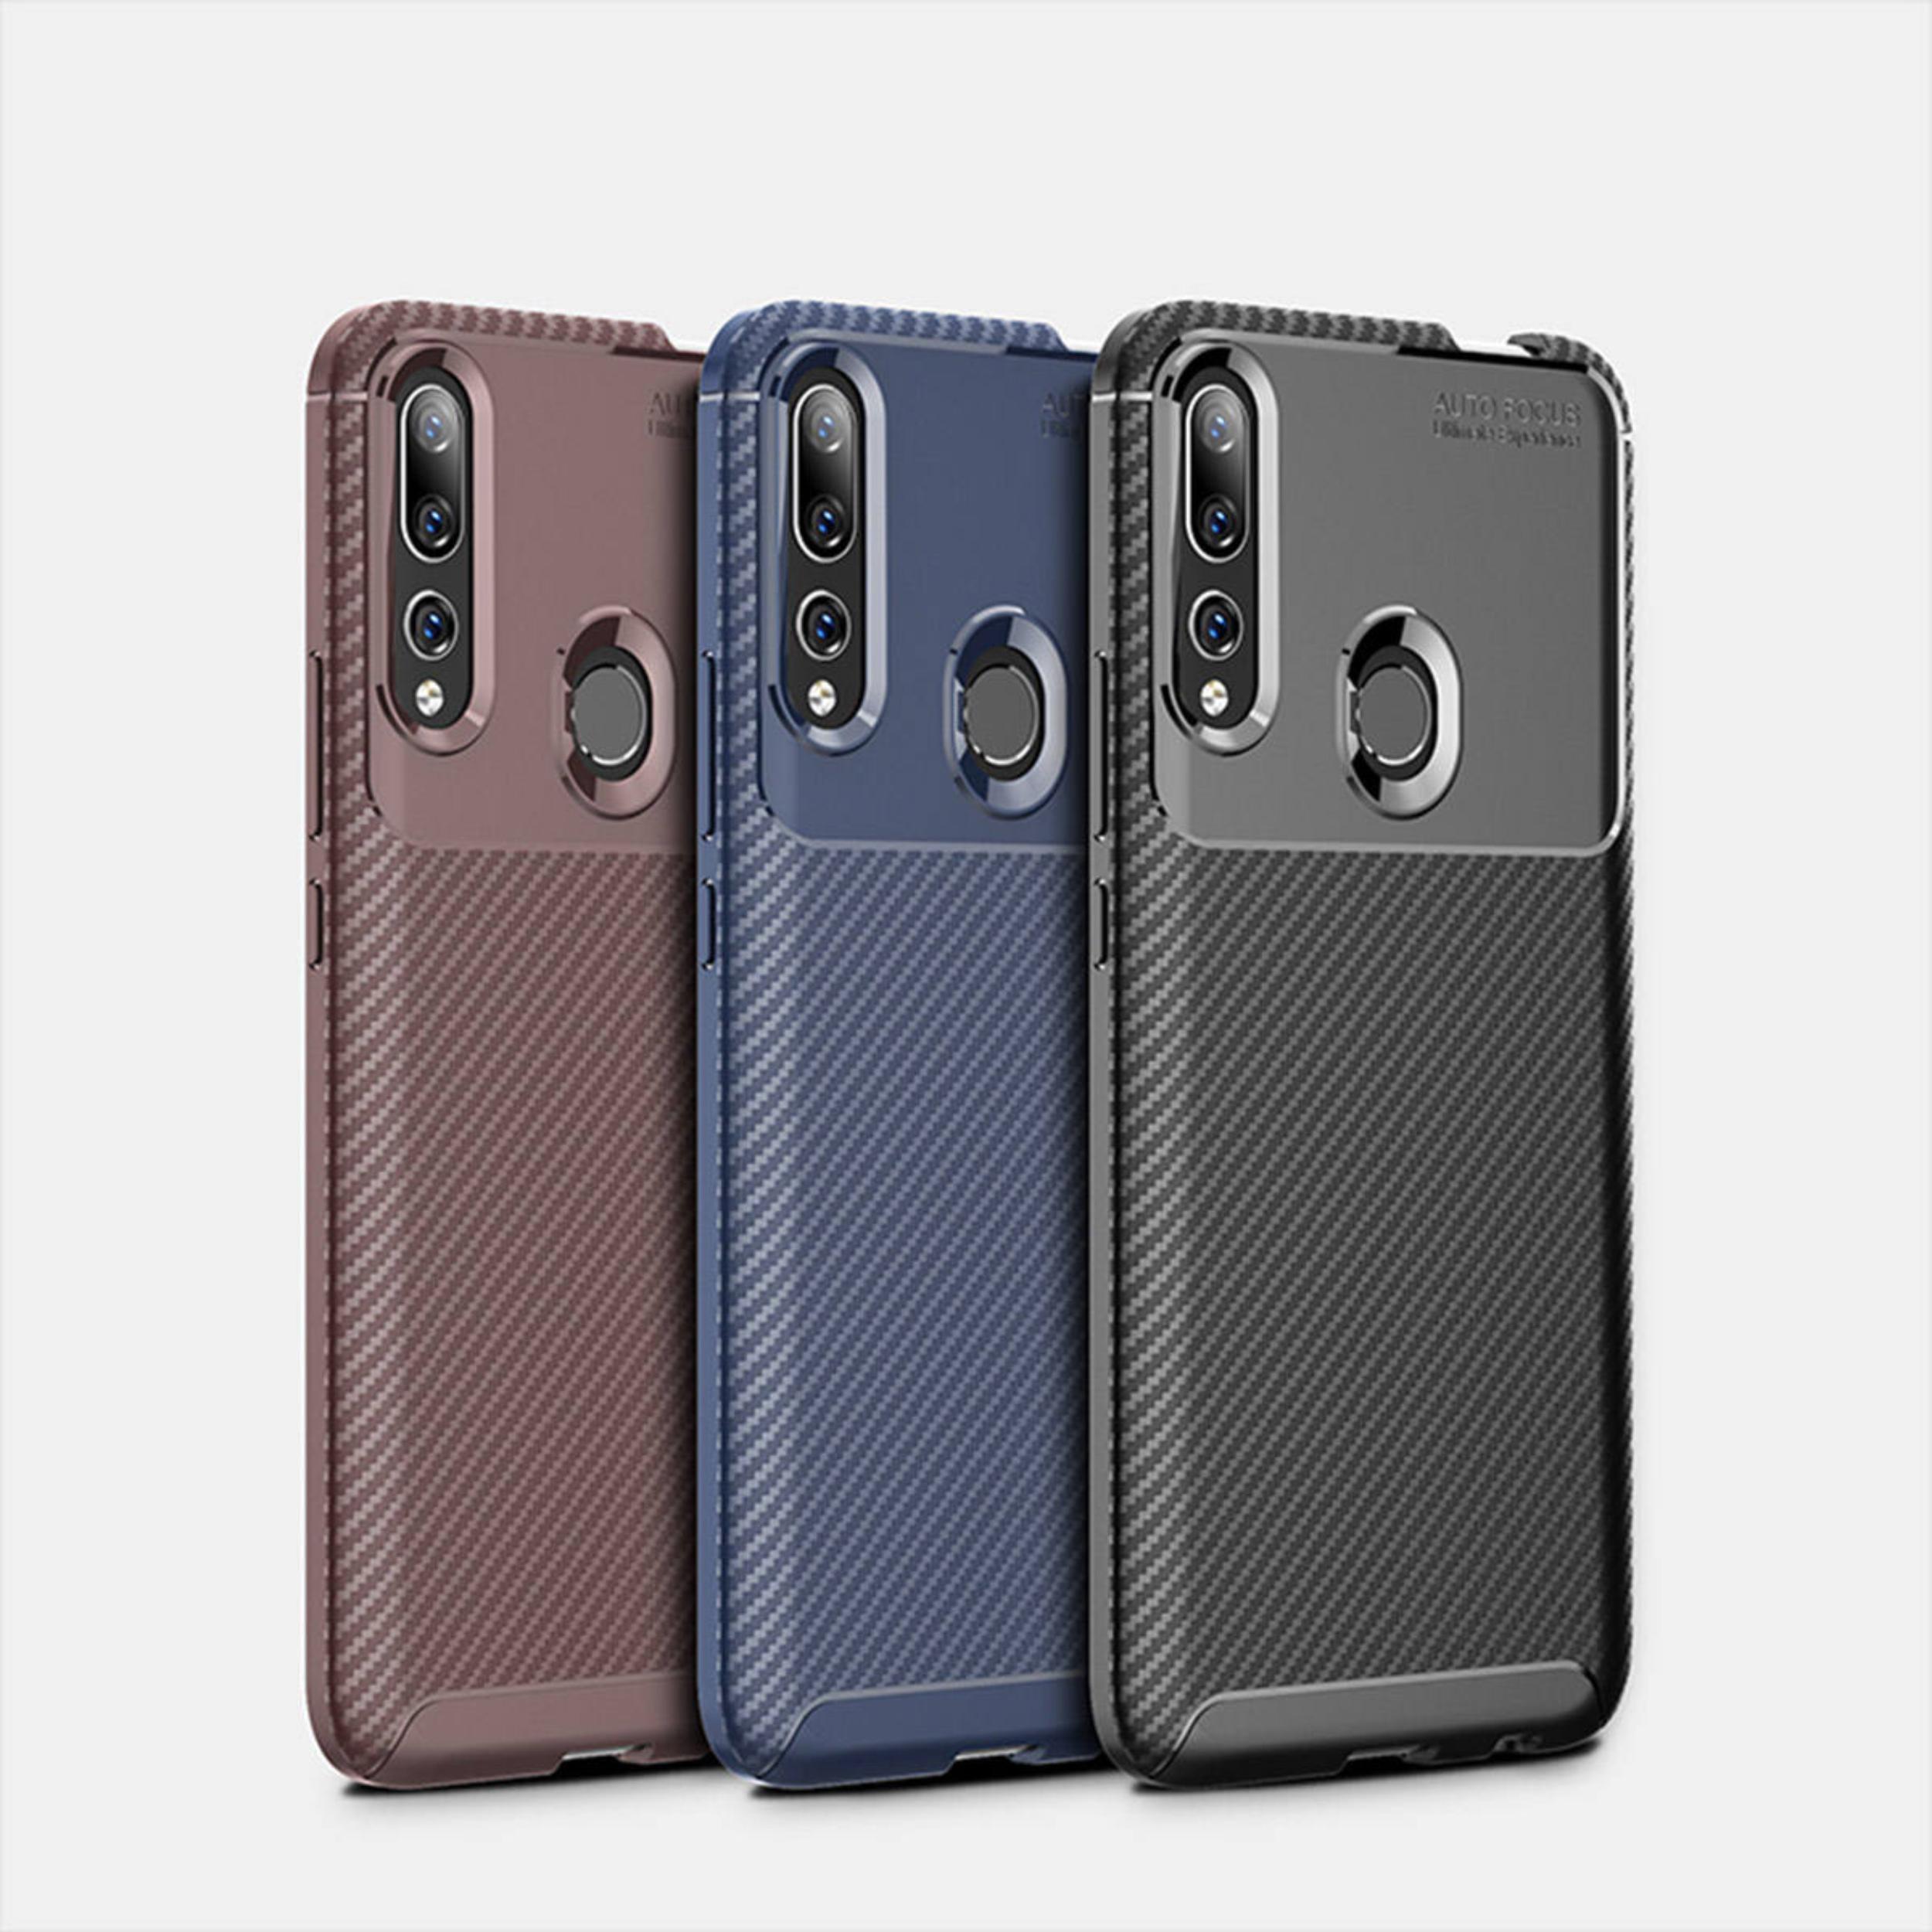 کاور لاین کینگ مدل A21 مناسب برای گوشی موبایل هوآوی Y9 Prime 2019 / آنر 9X thumb 2 10